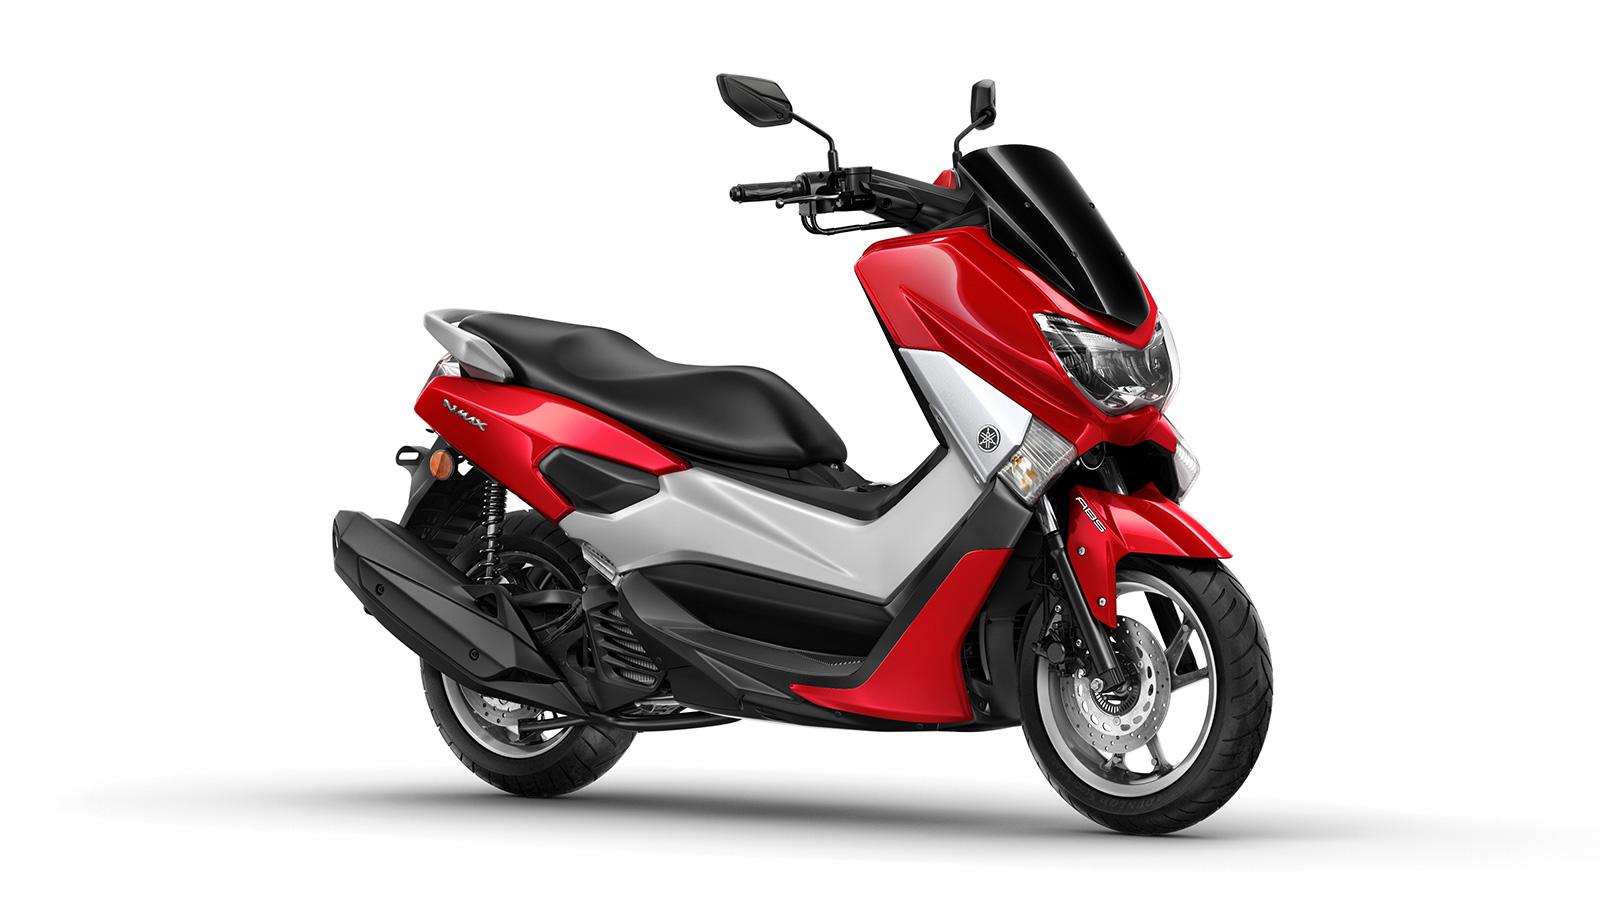 Daftar Harga Motor Matic Yamaha